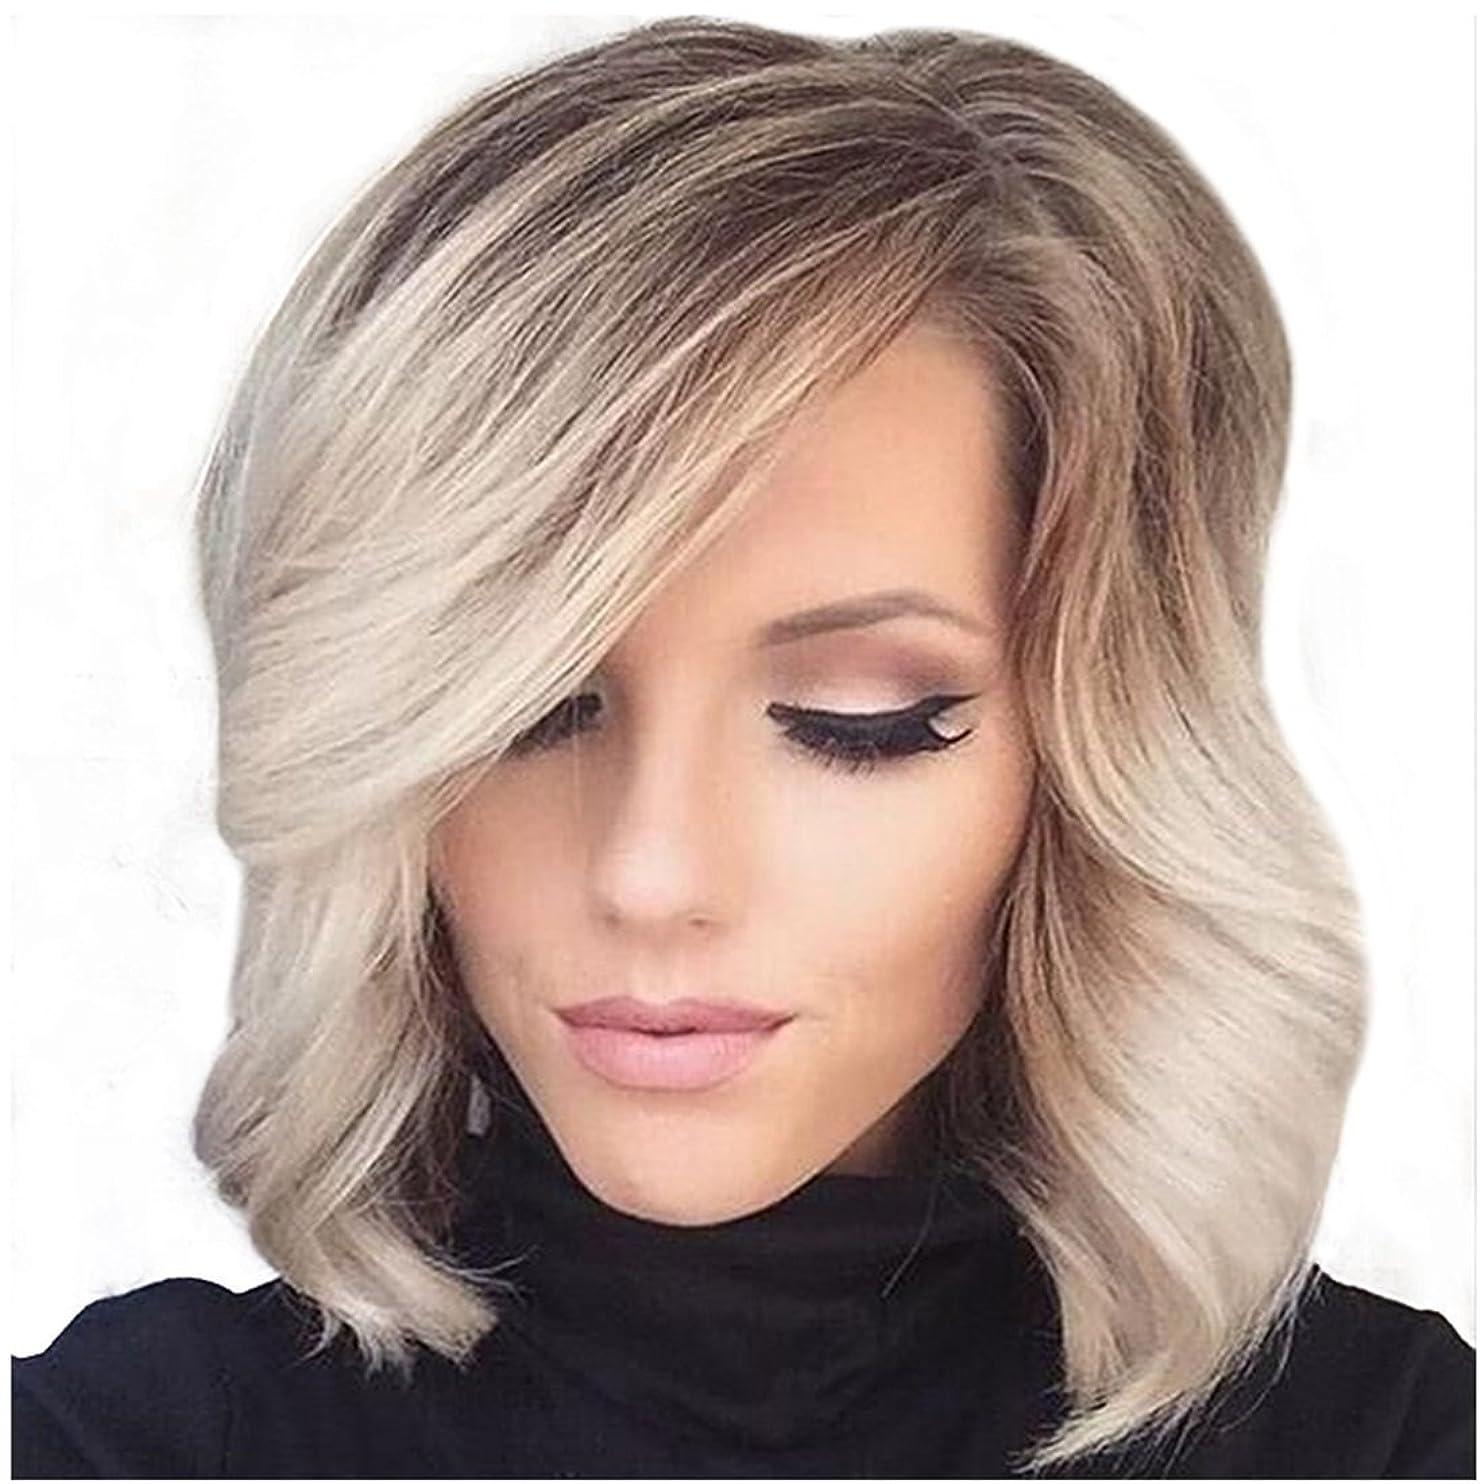 悲劇的な修理工子BOBIDYEE 女性のための人工毛髪のかつら斜め前髪付き小髪かつら耐熱性ファイバー20cm / 30cm(シルバーグレー、グラデーションシルバーグレー)ファッションかつら (色 : Gradient silver grey)